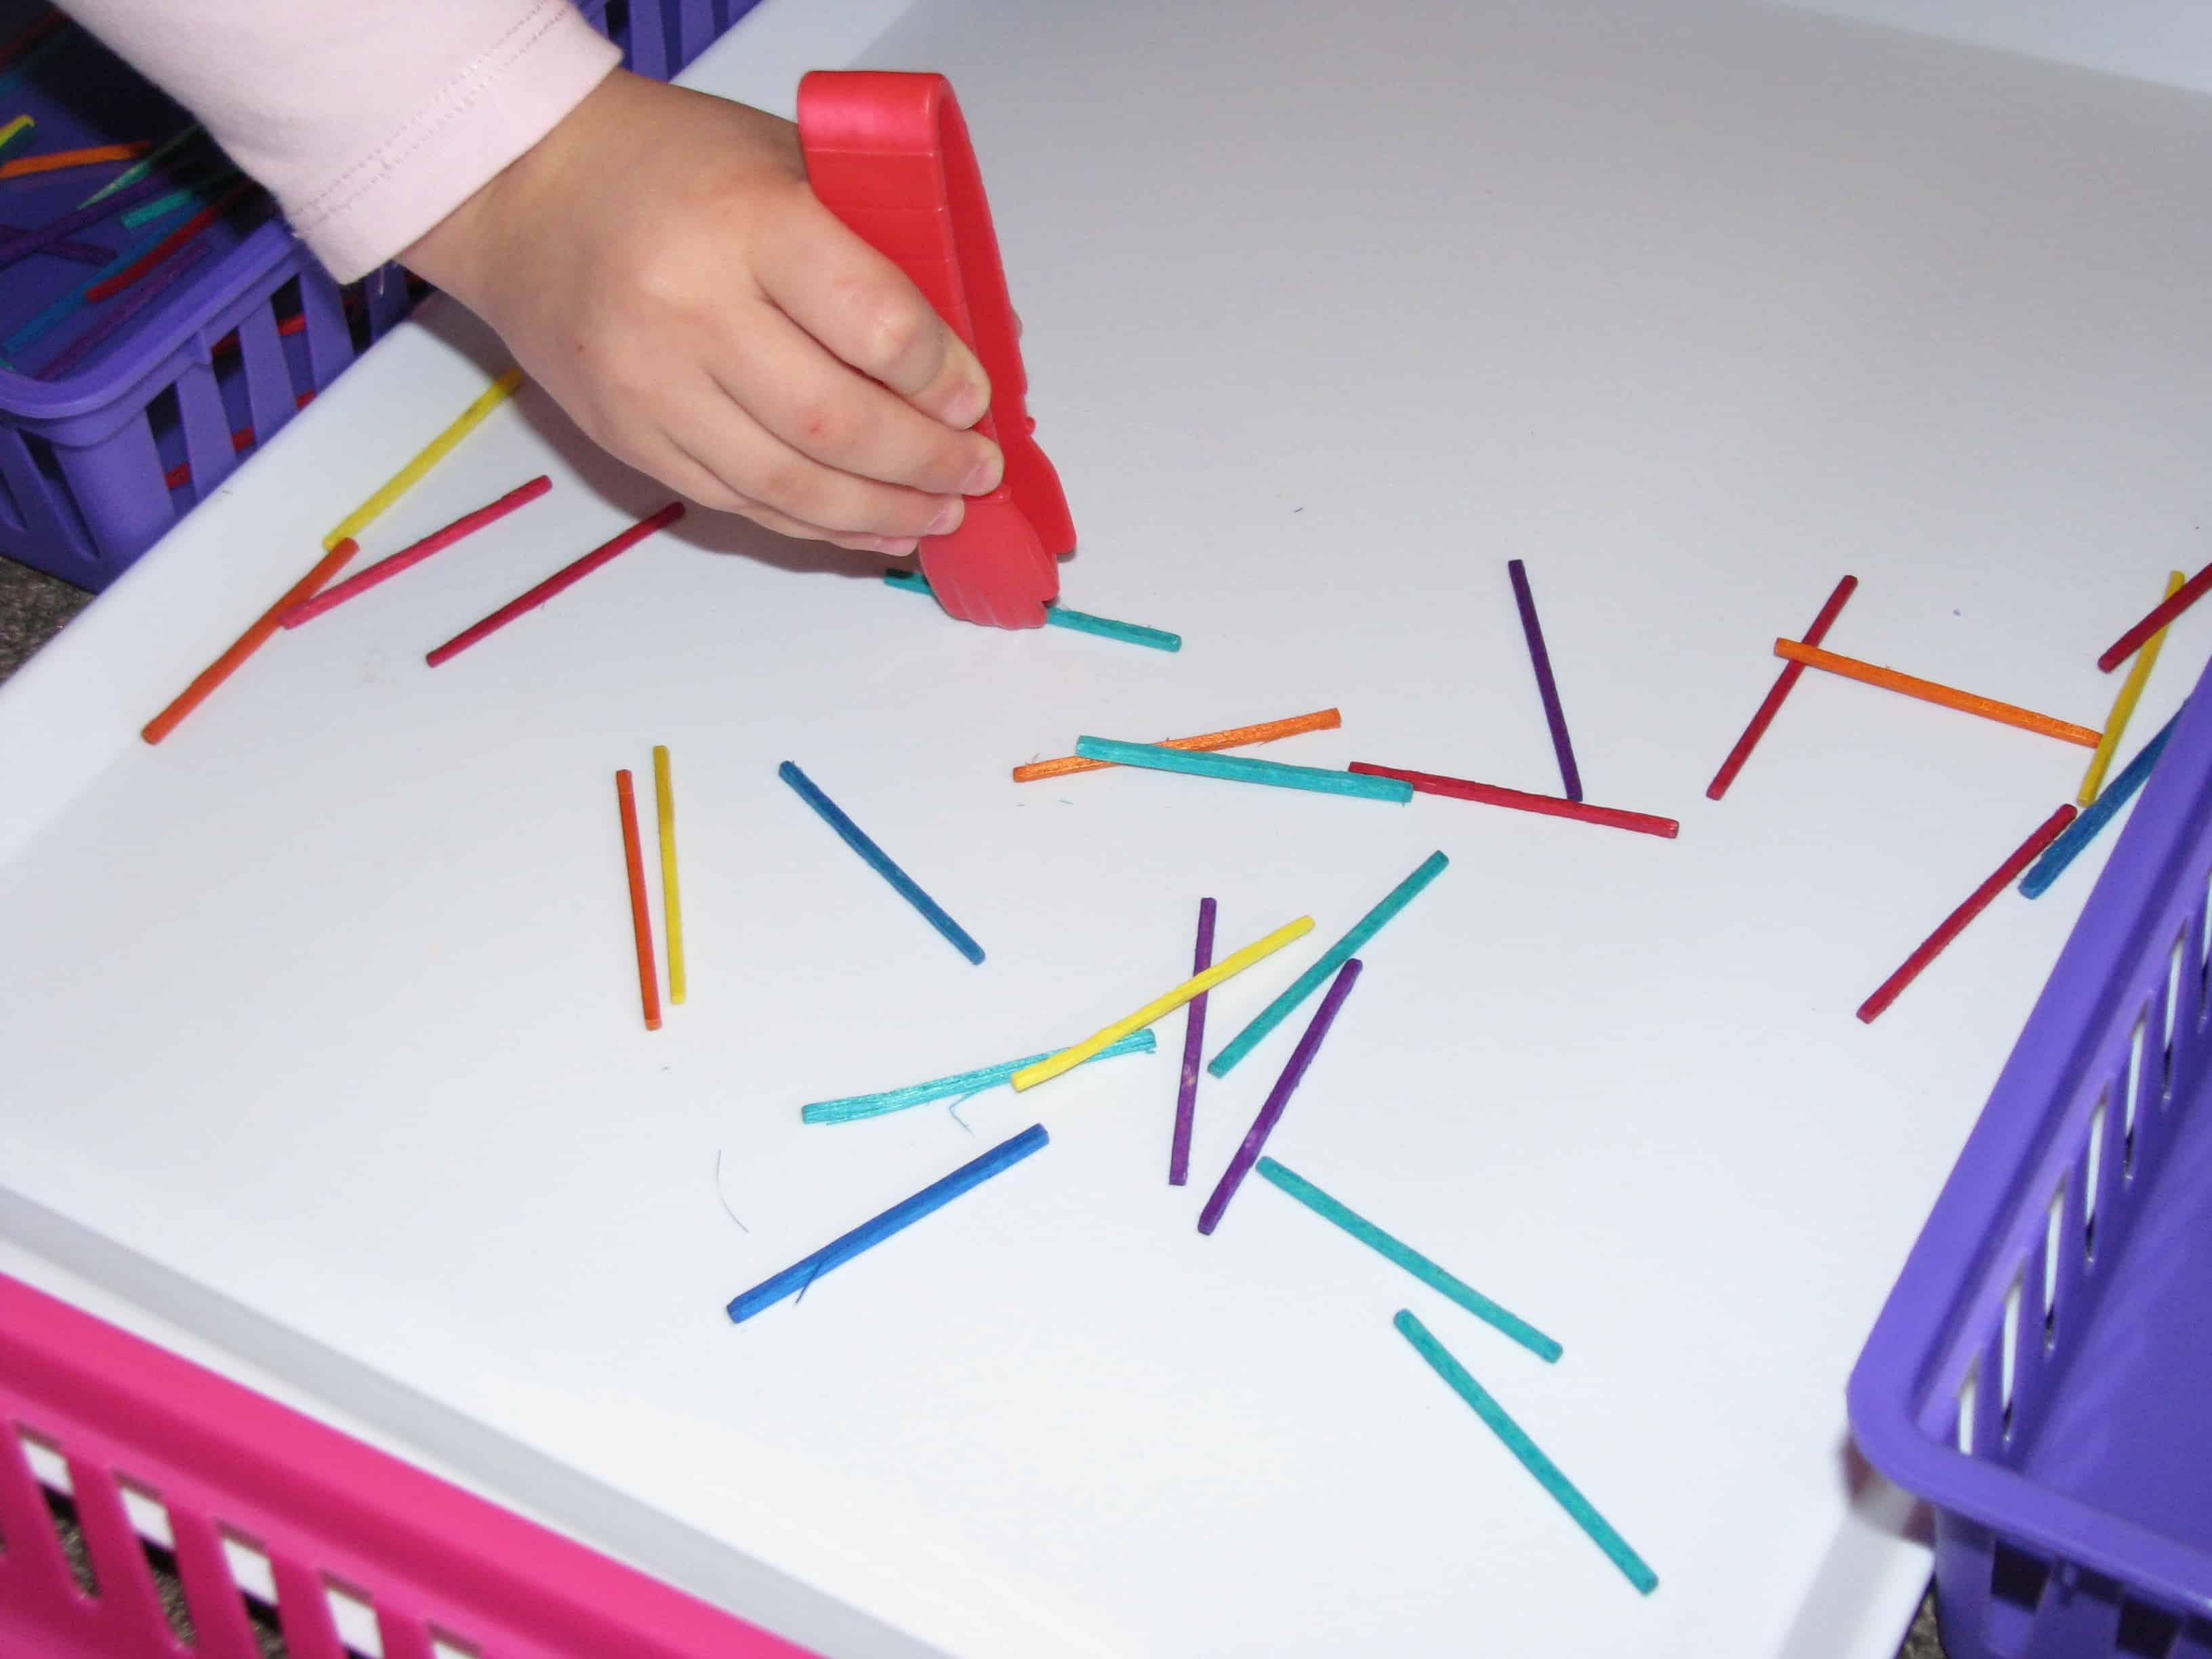 Easy Grip Tweezerslearning 4 Kids